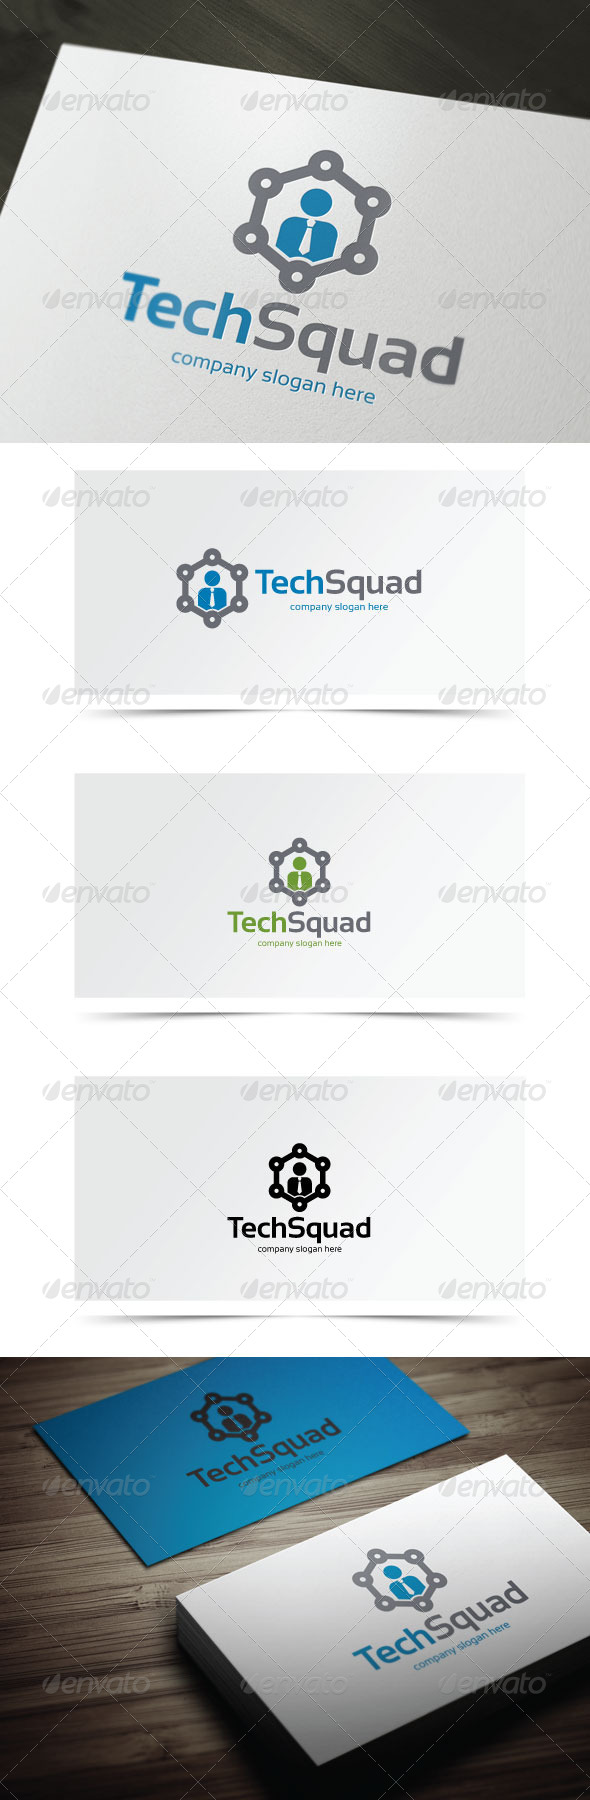 GraphicRiver Tech Squad 6705021